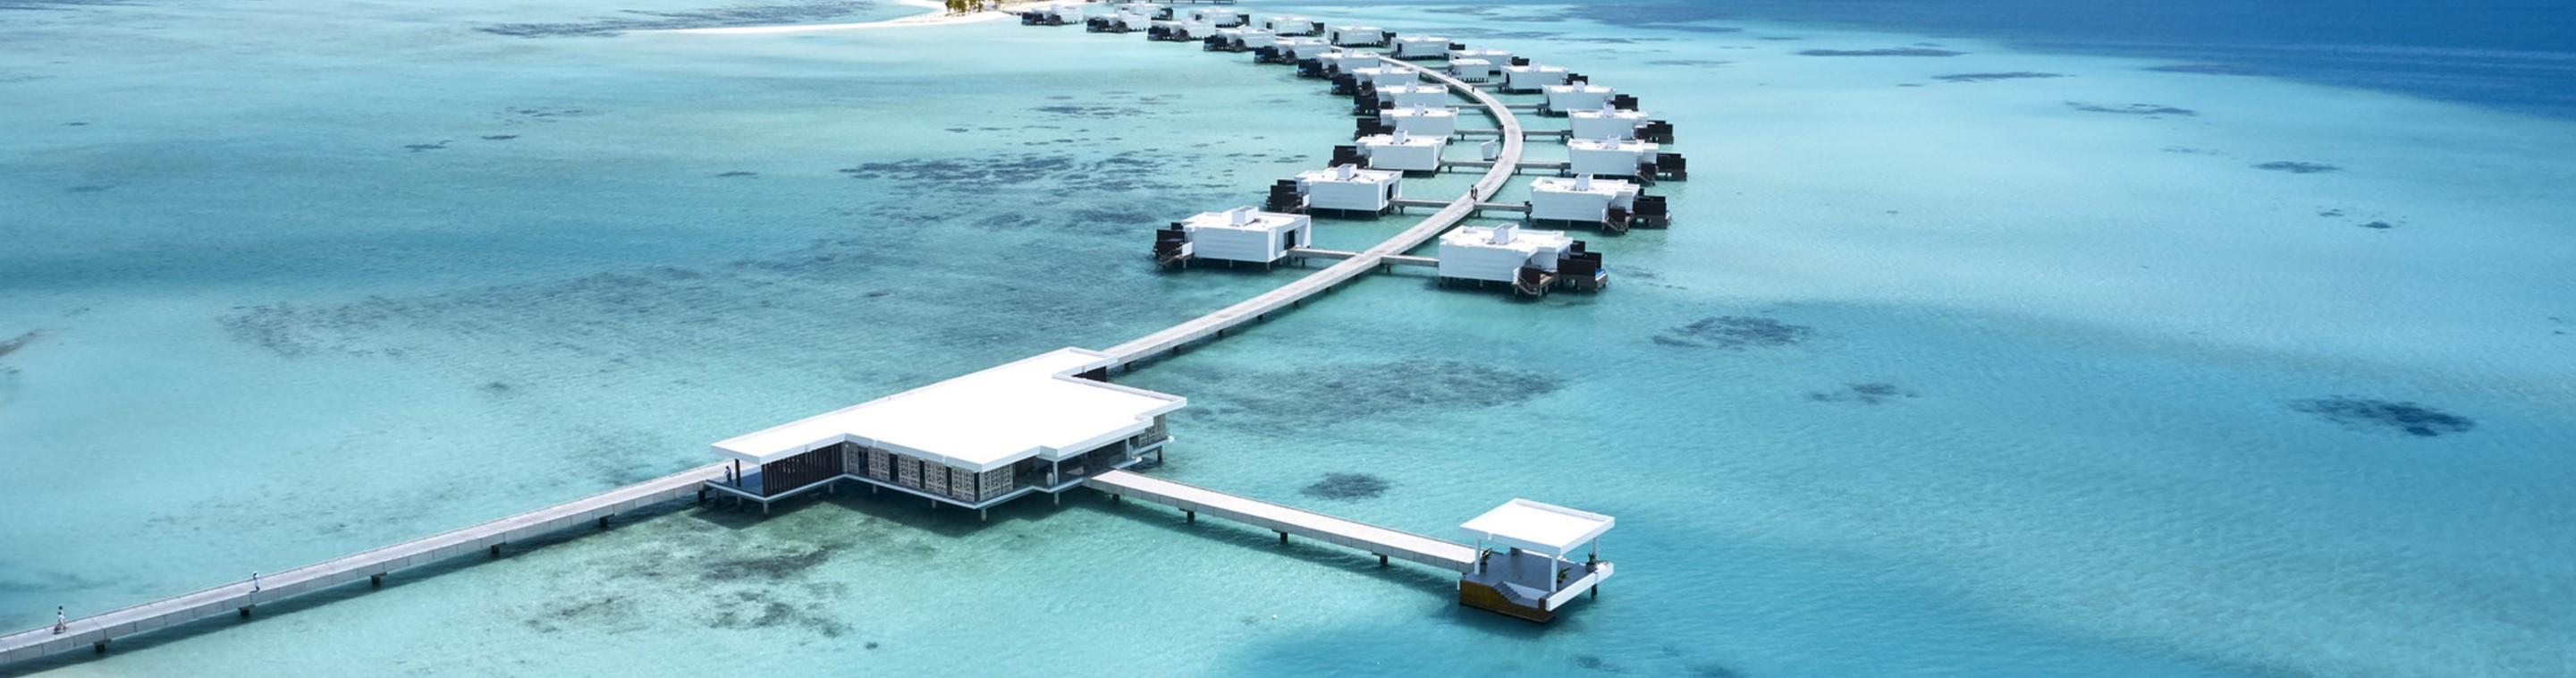 Riu Palace Maldivas *****, Maldives